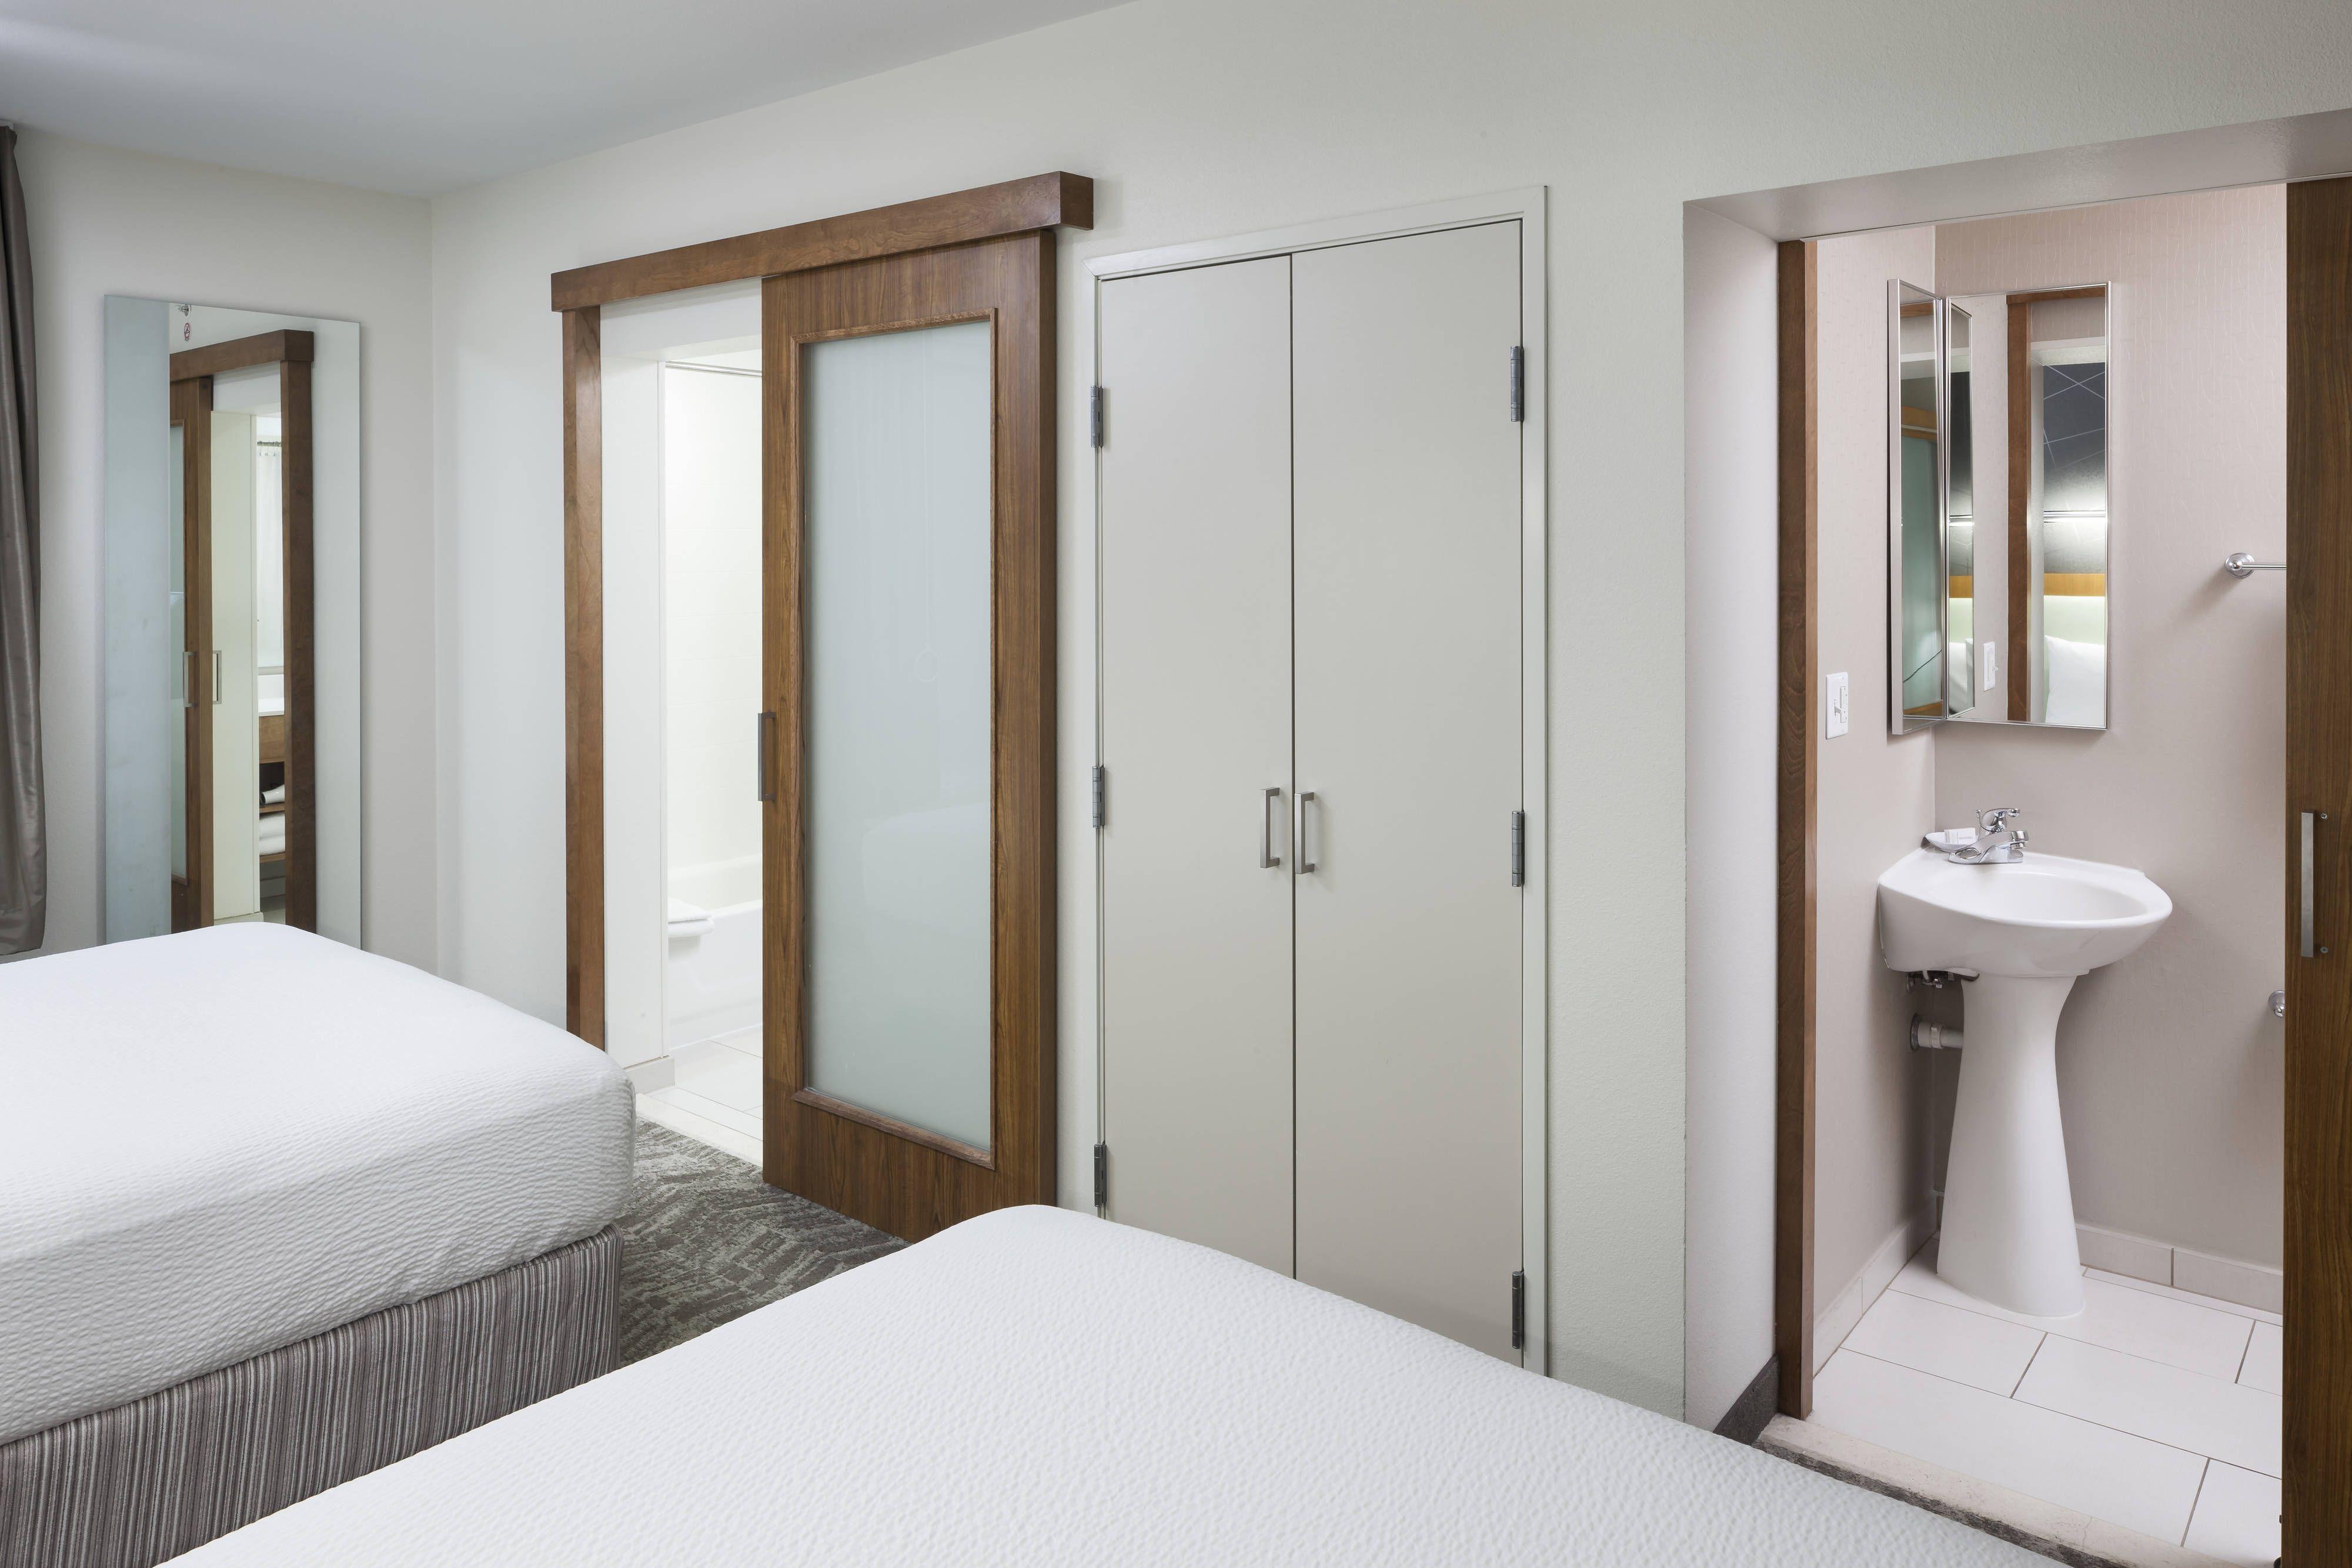 Springhill suites salt lake city airport queenqueen suite